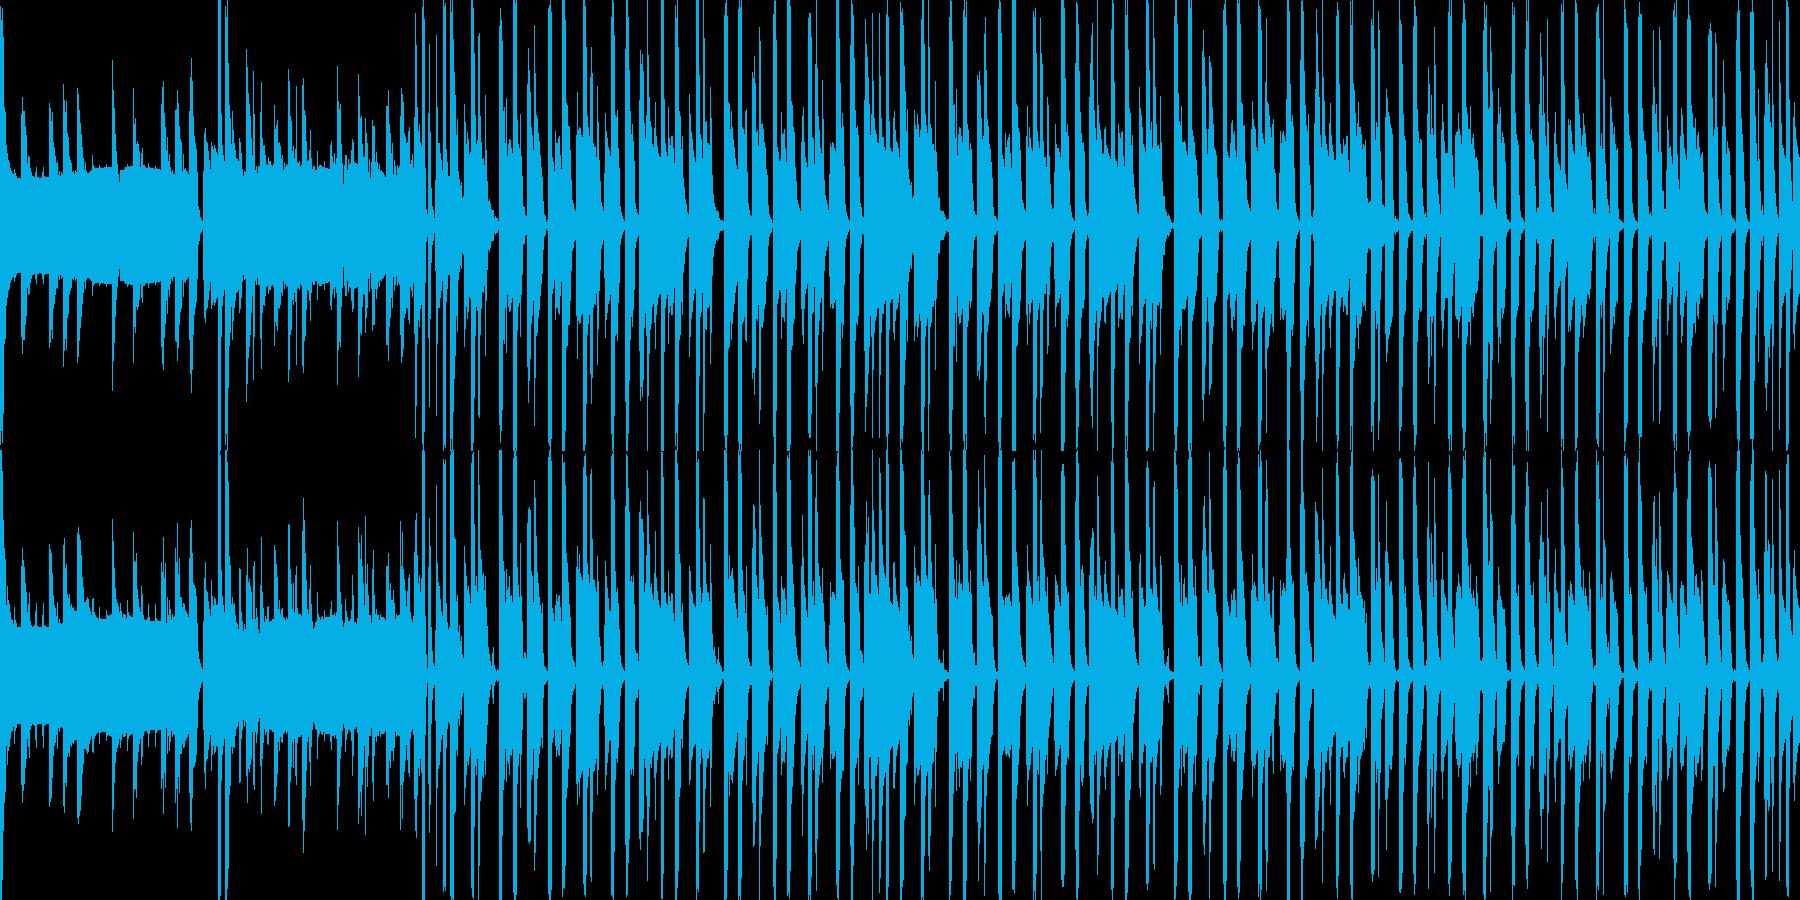 森の中で遊ぶ(Loop対応)の再生済みの波形